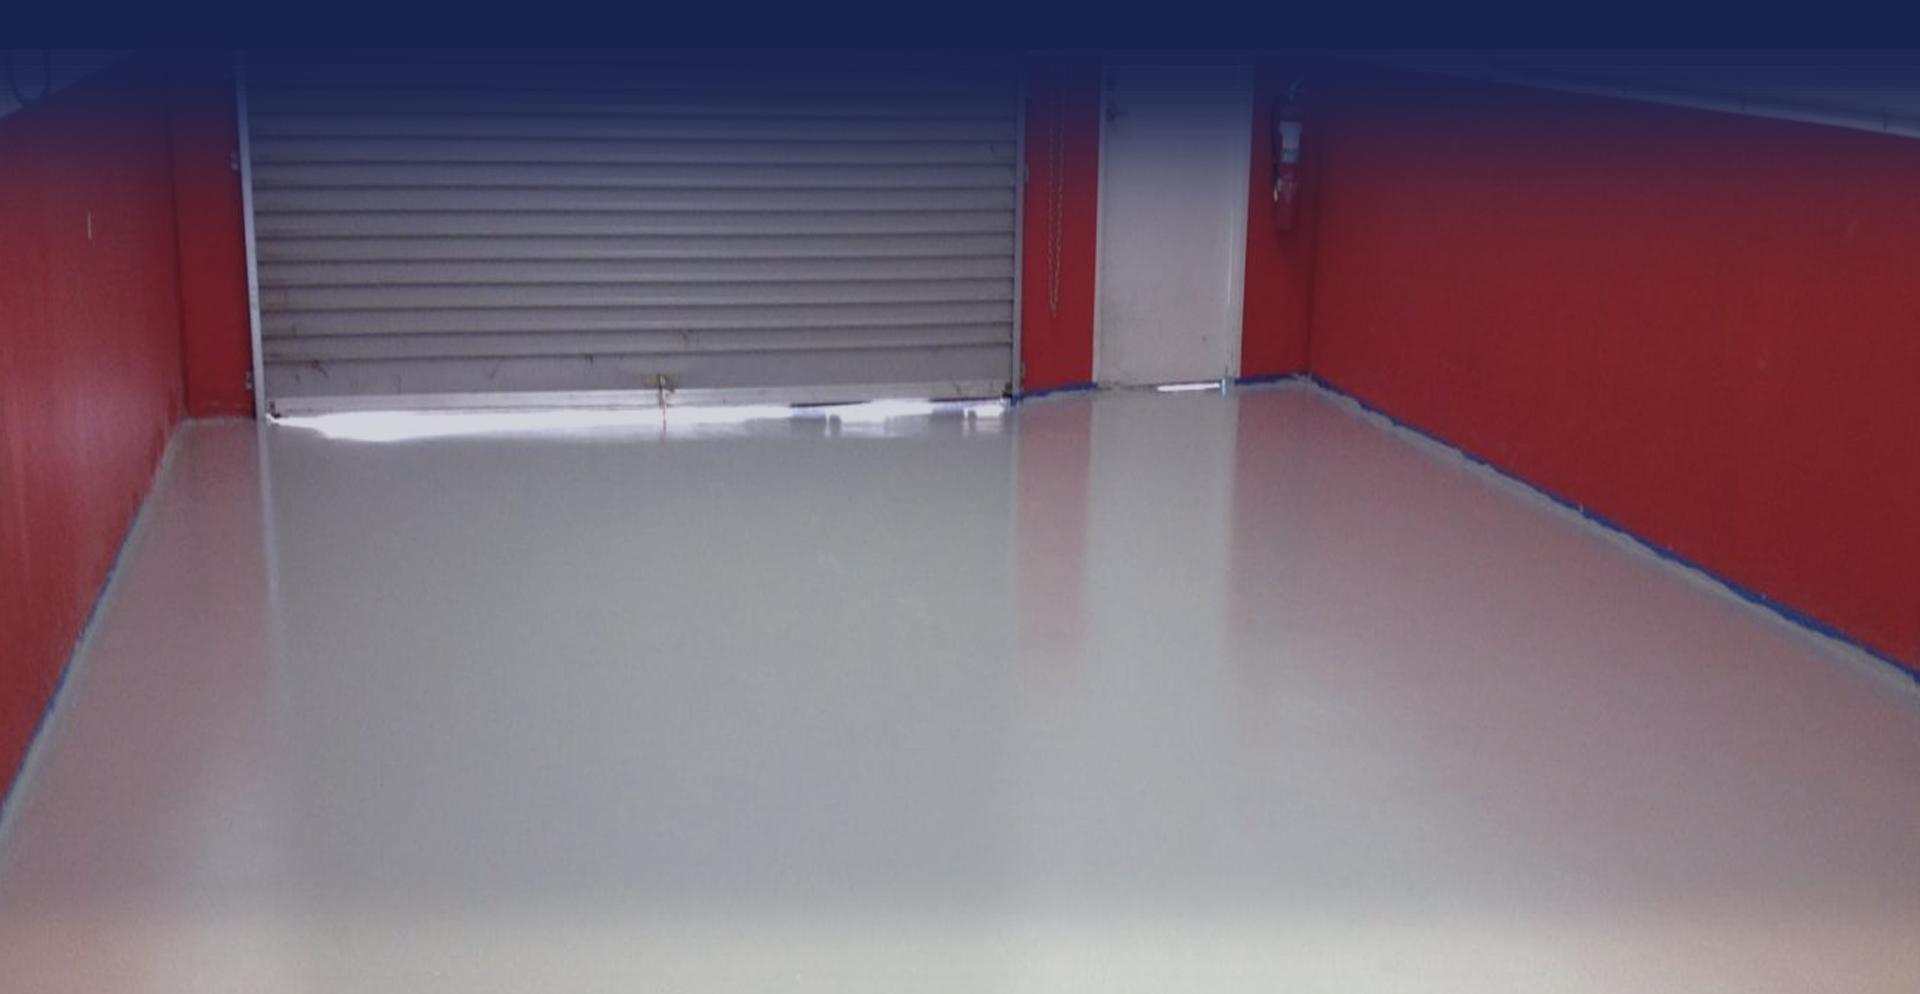 အရည်ပျော်အခြေပြု anti-static coating KERACOTE EC50